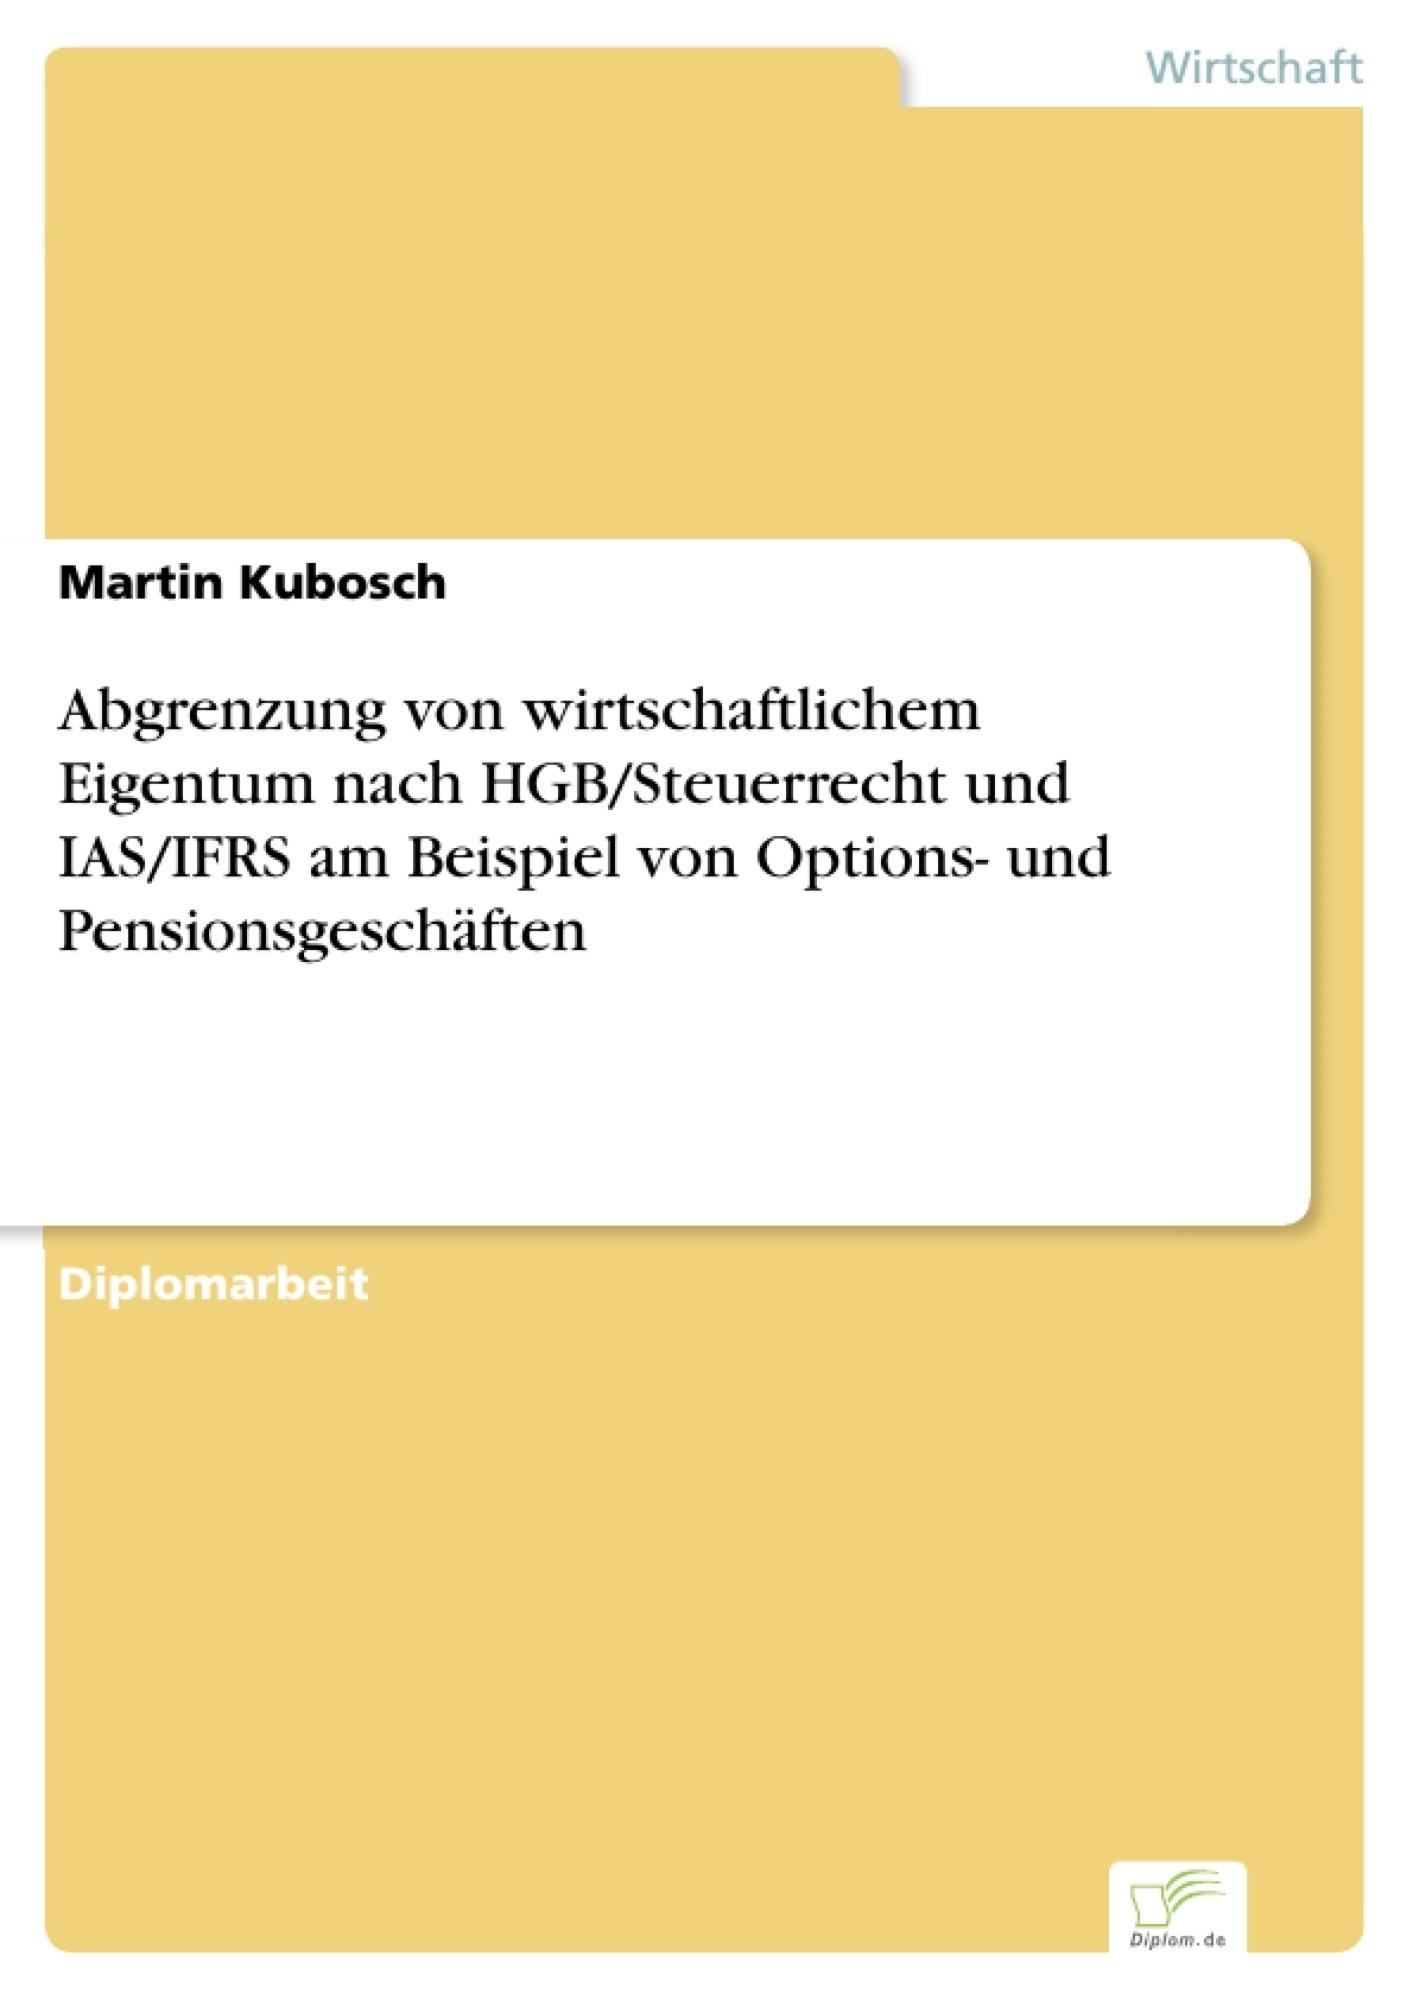 Abgrenzung von wirtschaftlichem Eigentum nach HGB/Steuerrecht und ...